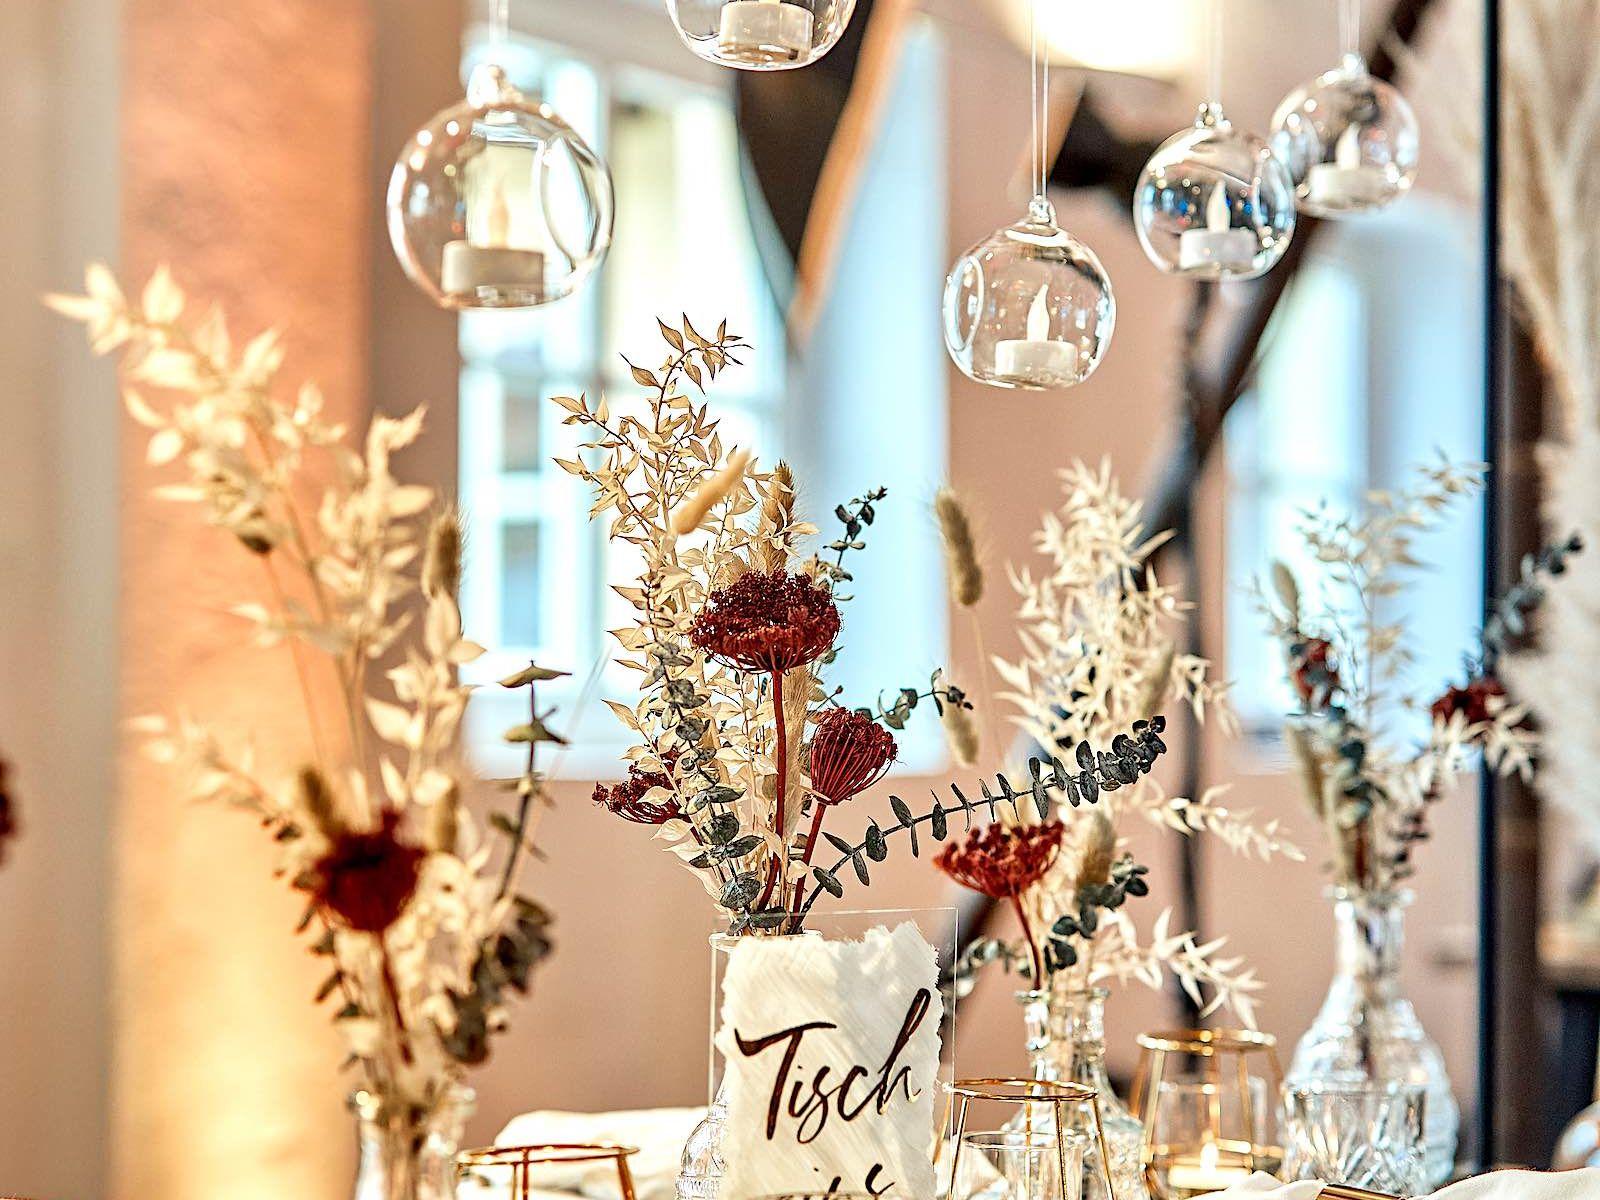 Eventplaner   Eventaustattung   Mieten   Buchen   Hochzeitsplaner   Hochzeiten   Dekoration   Tischdekoration   Firmenfeiern   Gala   Tischdekoration   Technik   Logistik   Lieferung   Hannover   Hildesheim